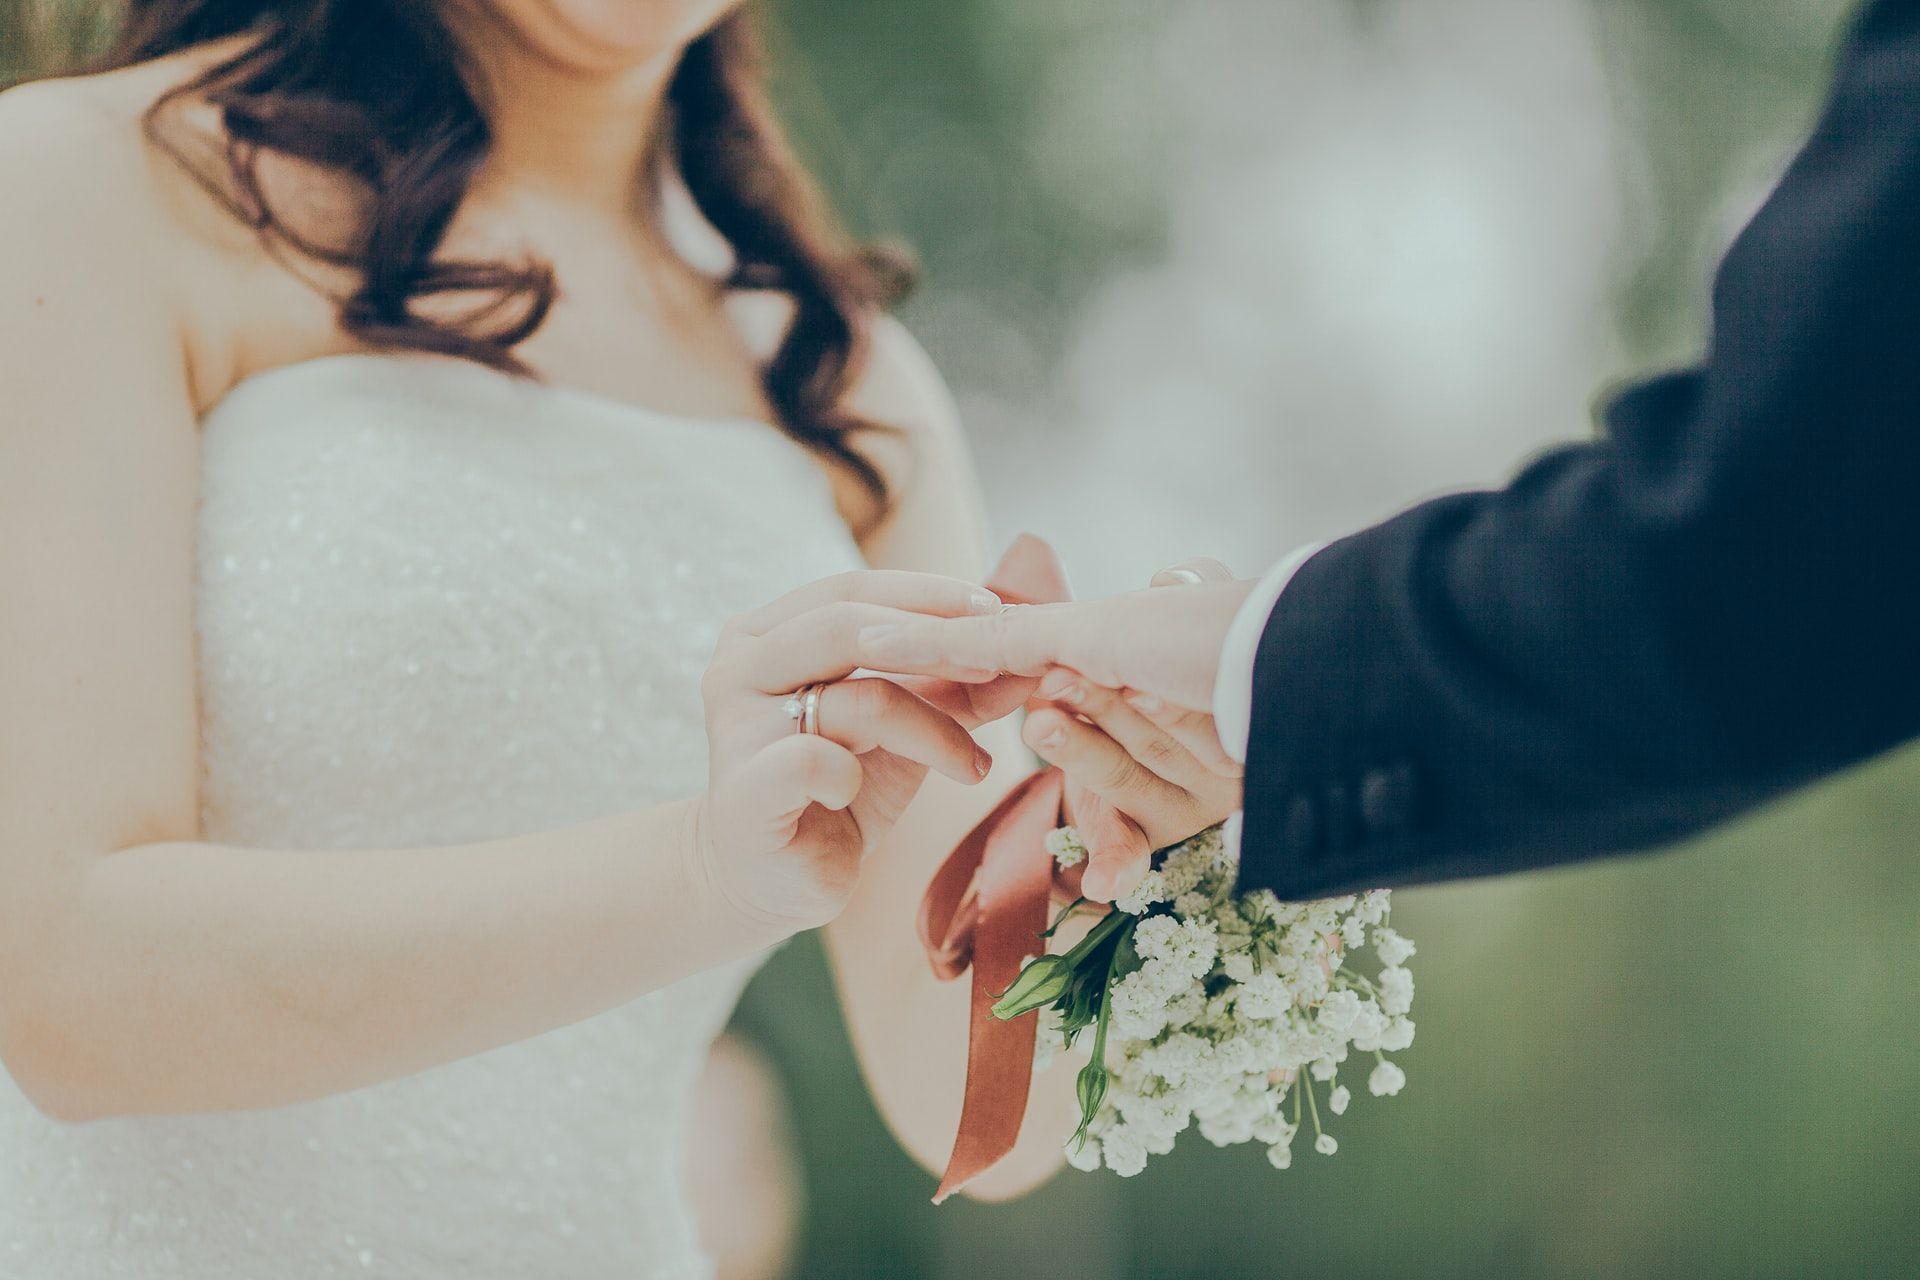 Urządzać wesele bez poprawin, czy nie?